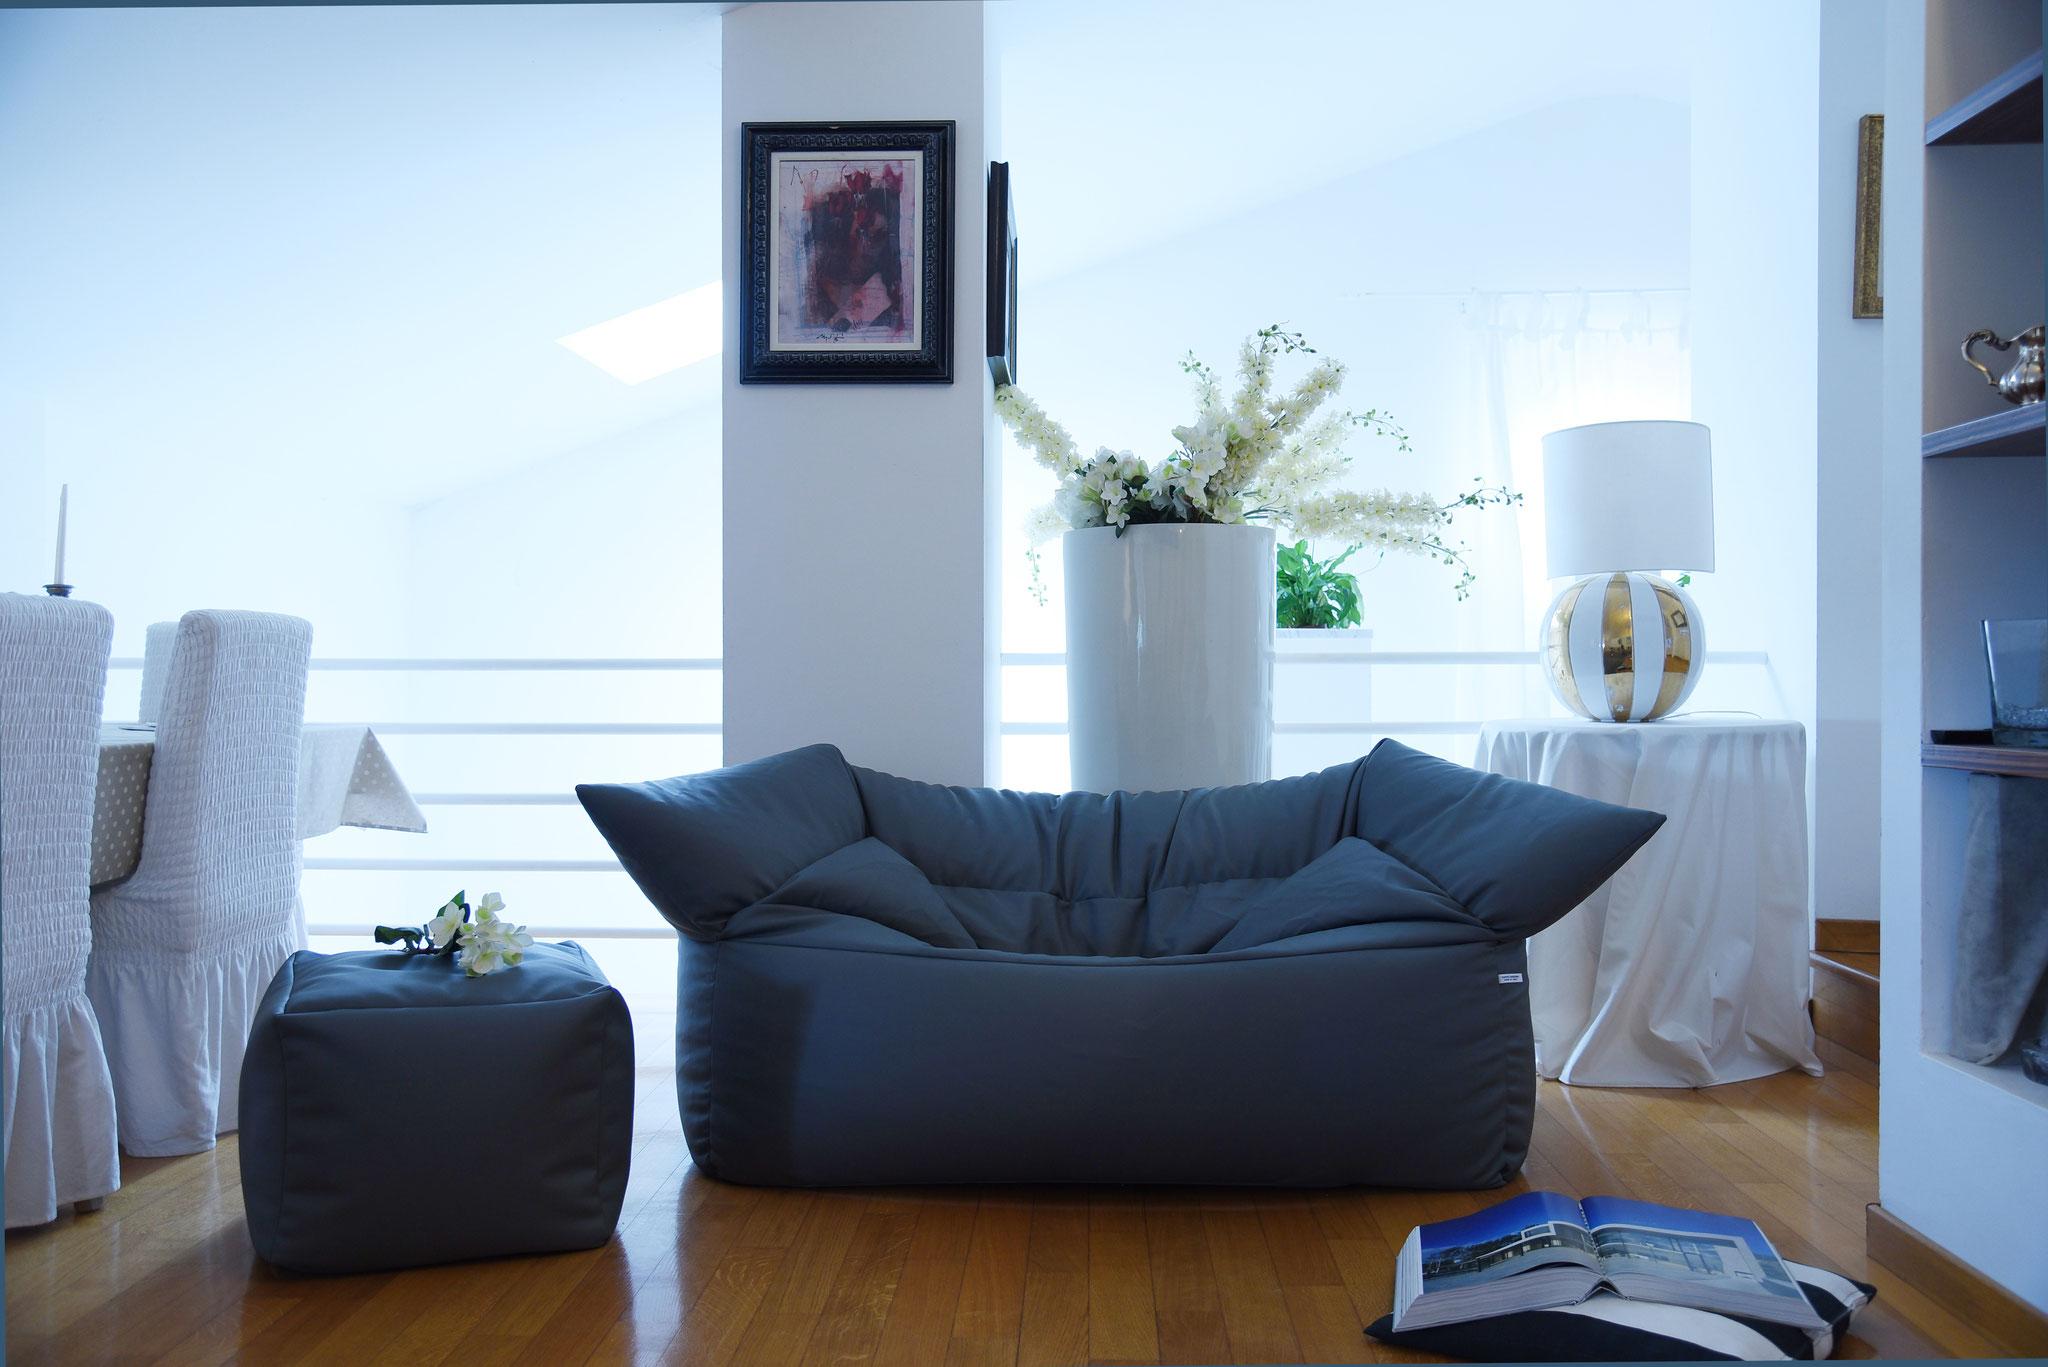 Divano formoso filippo ghezzani arredamento on line poltrone e divani sacco arredamento di - Divano 170 cm ...